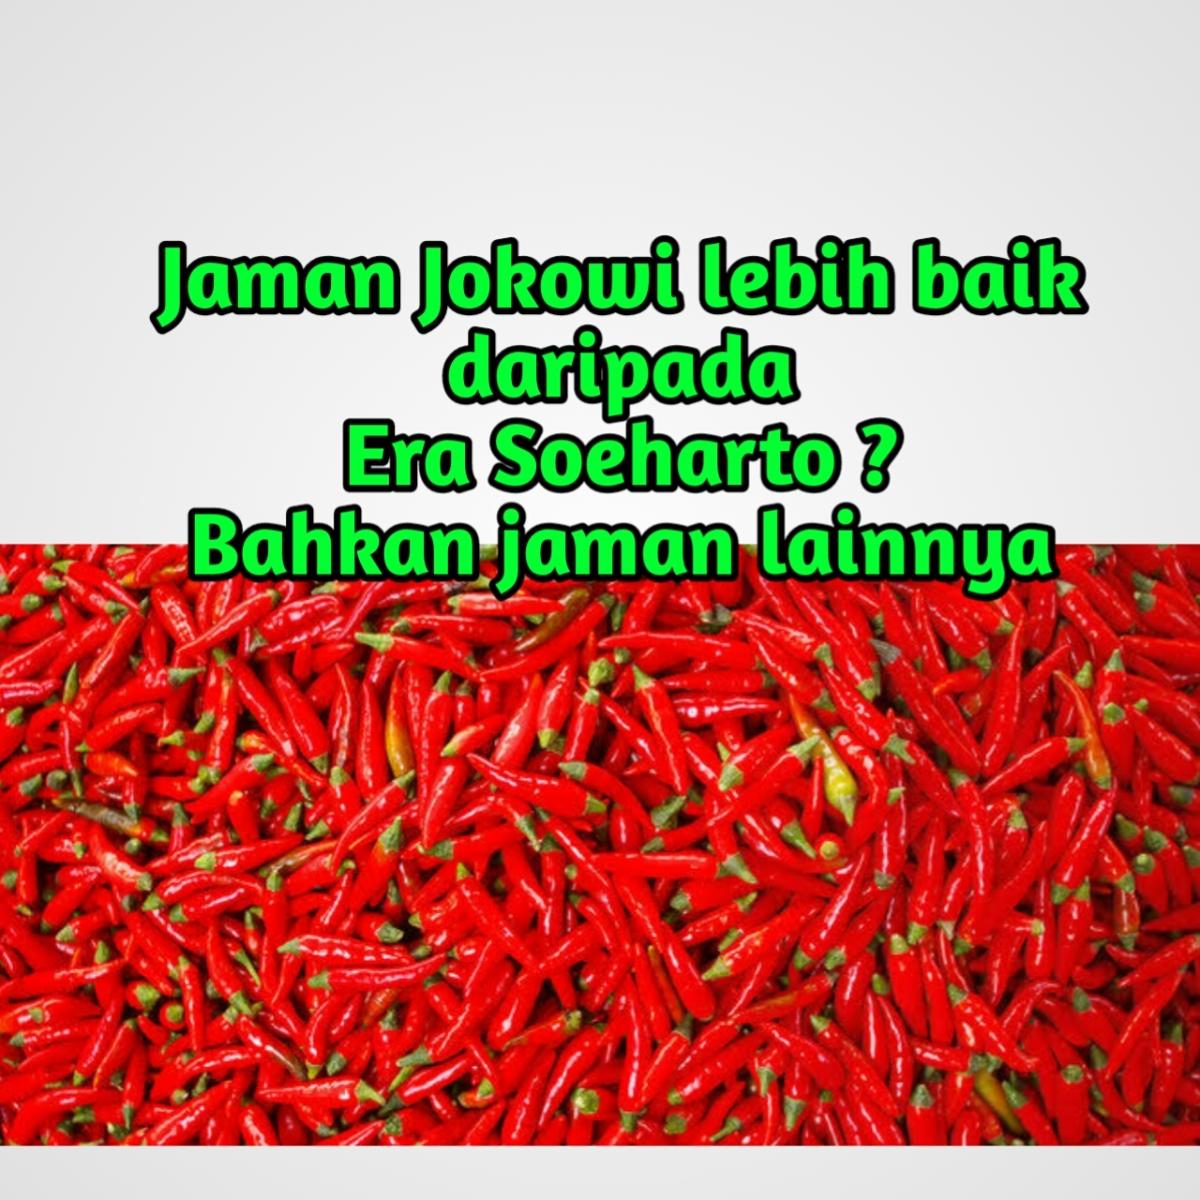 Fakta Ekonomi Era Soeharto dengan Jaman Jokowi